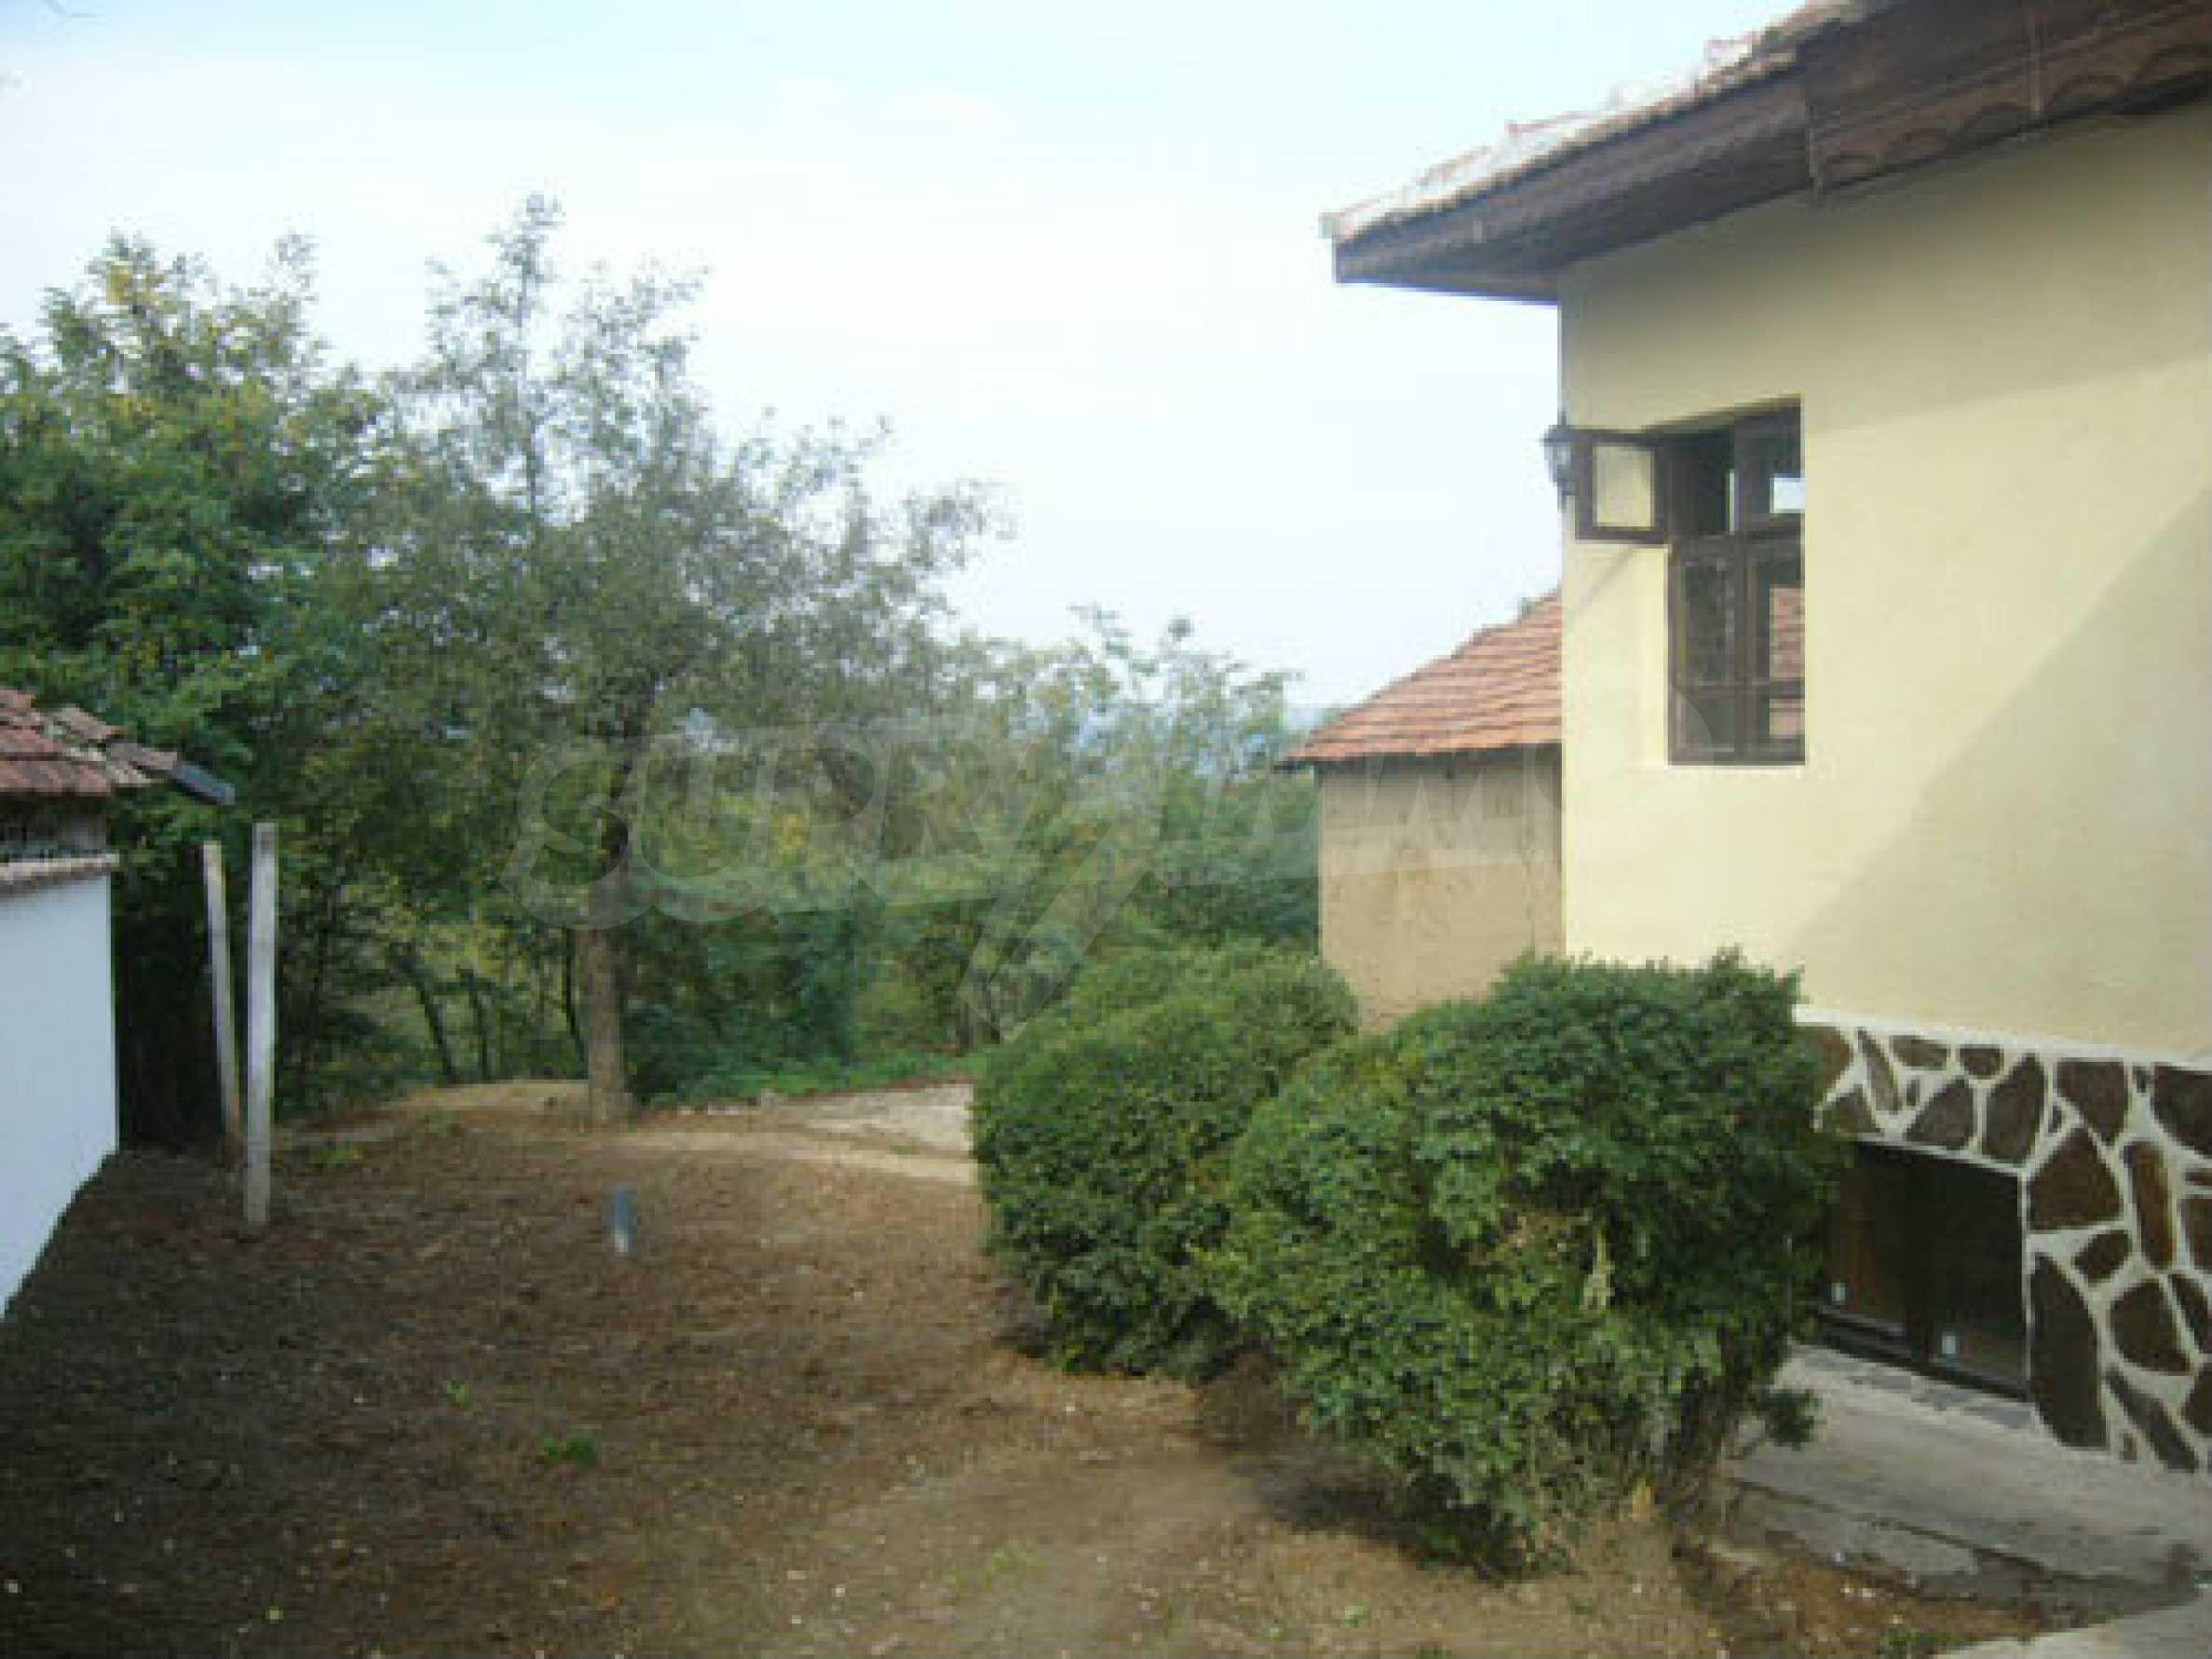 Renoviertes zweistöckiges Haus auf dem Balkan, 30 km von Veliko Tarnovo entfernt 2